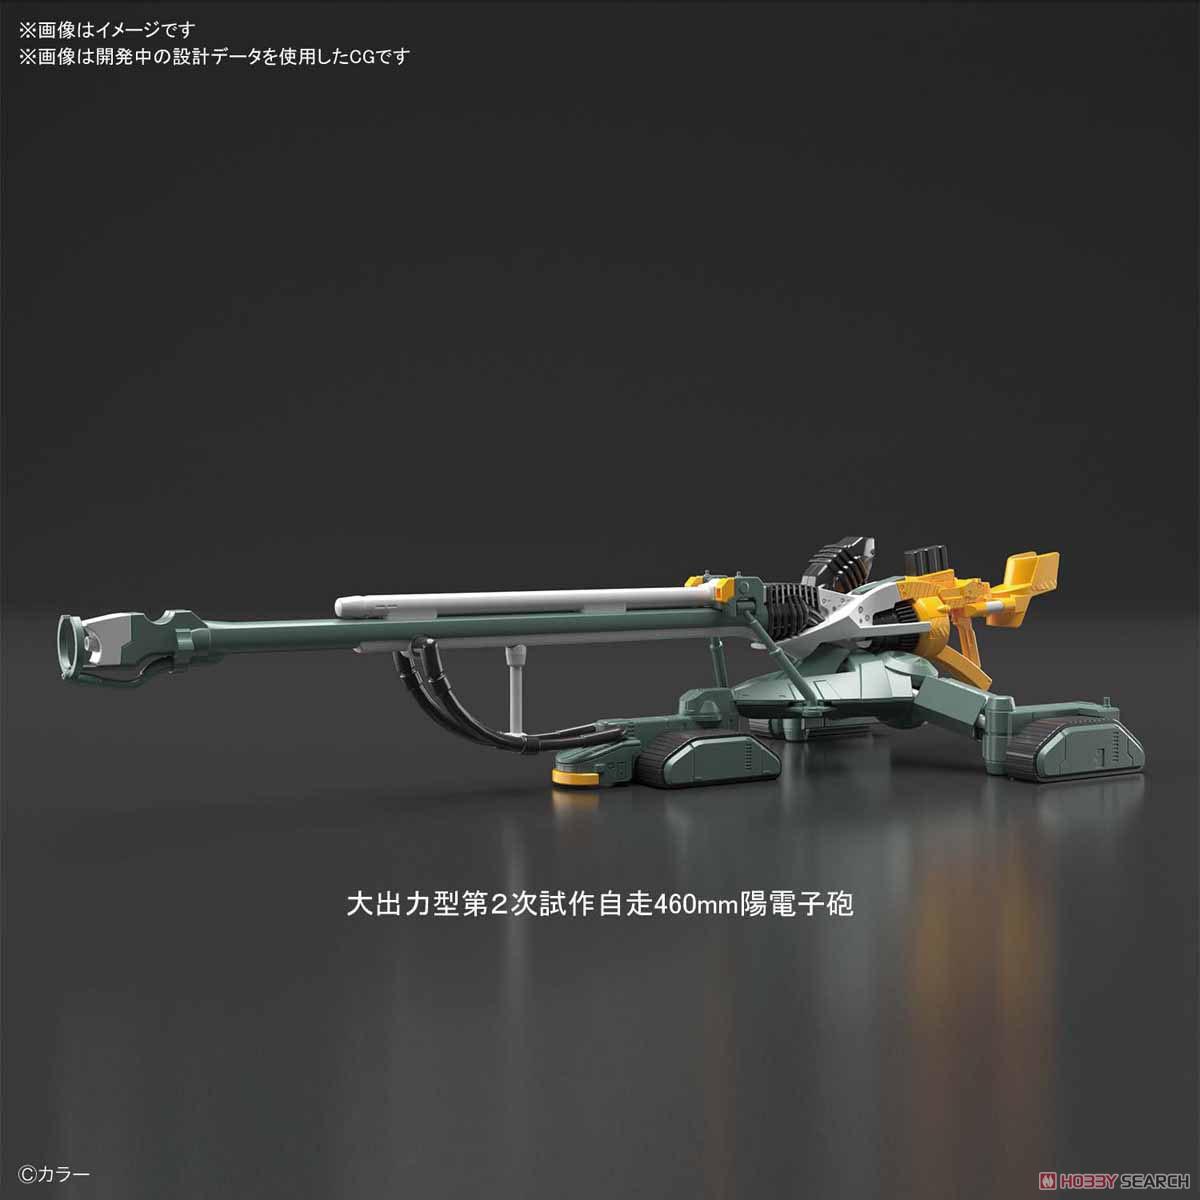 【再販】RG『汎用ヒト型決戦兵器 人造人間エヴァンゲリオン試作零号機DX 陽電子砲セット』プラモデル-016